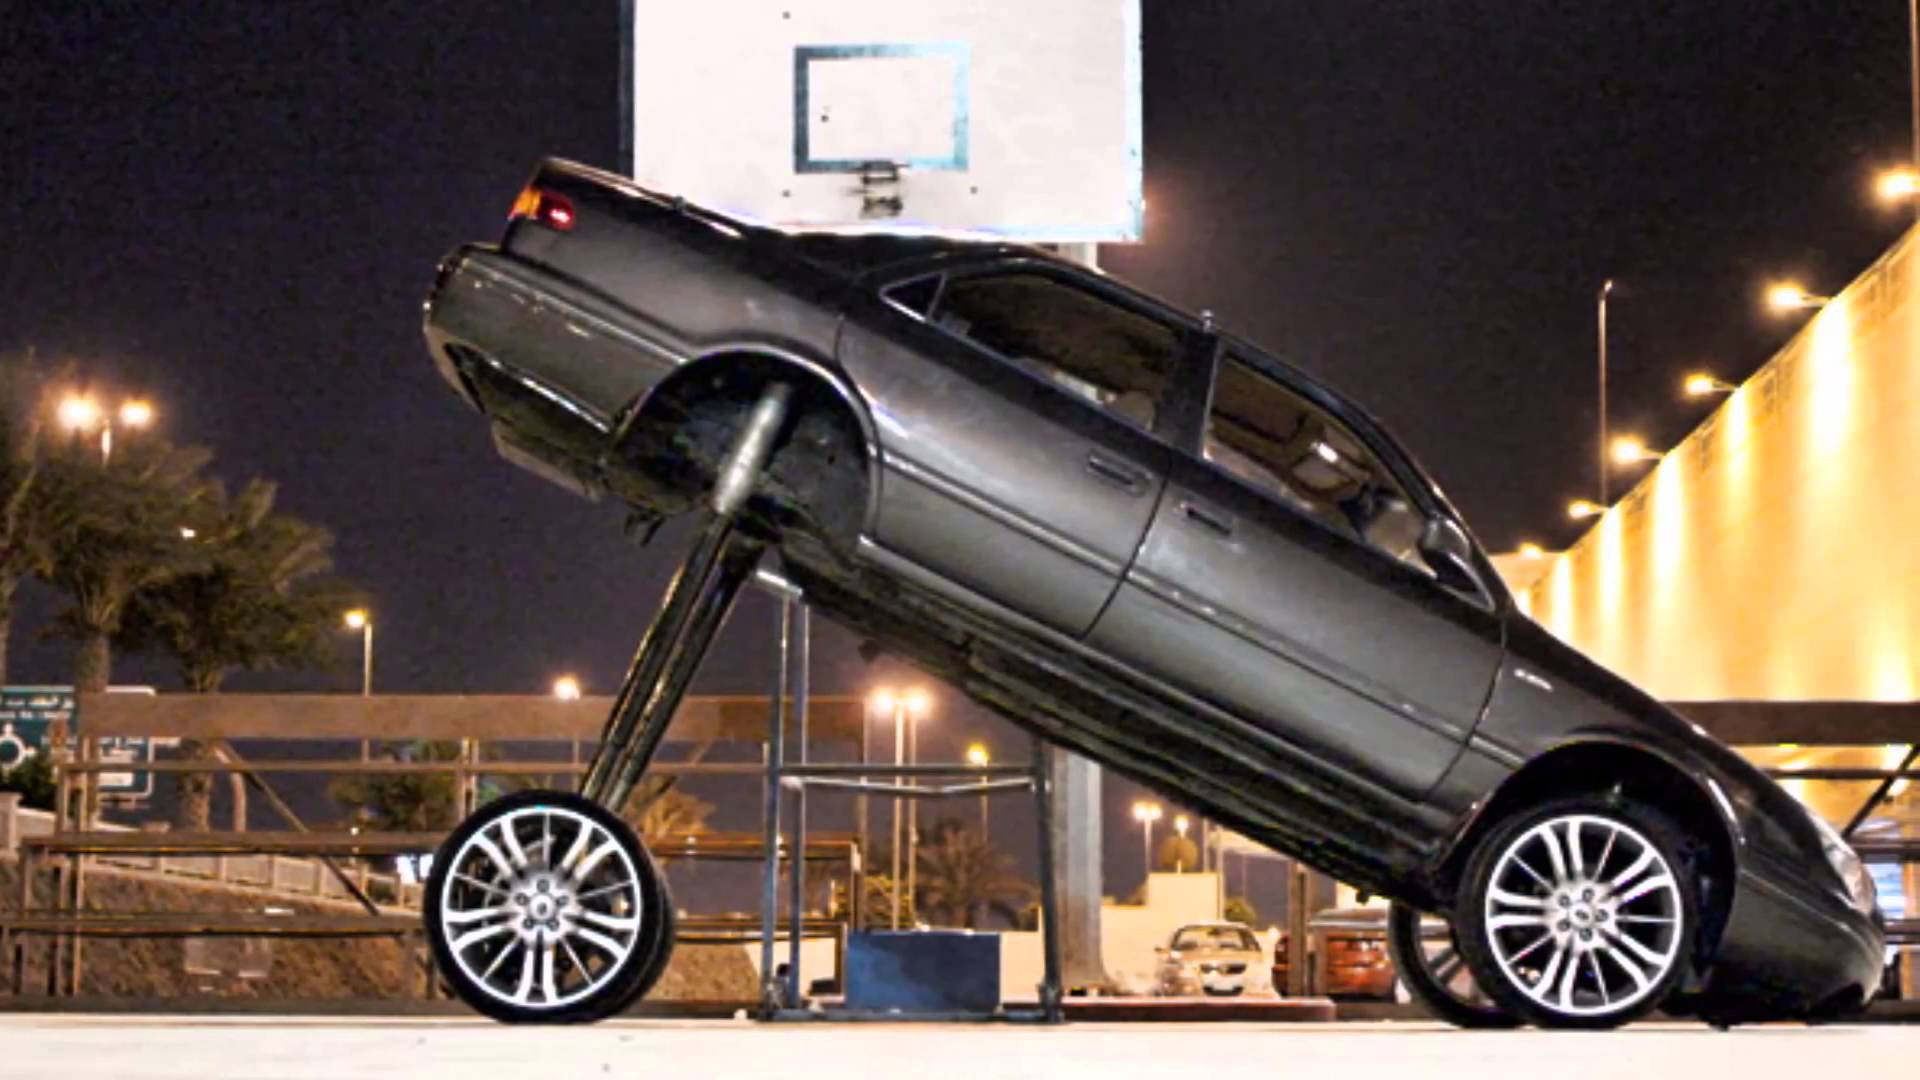 بالصور سيارات معدلة , الابتكارات الحديثة فى عالم السيارات 214 10